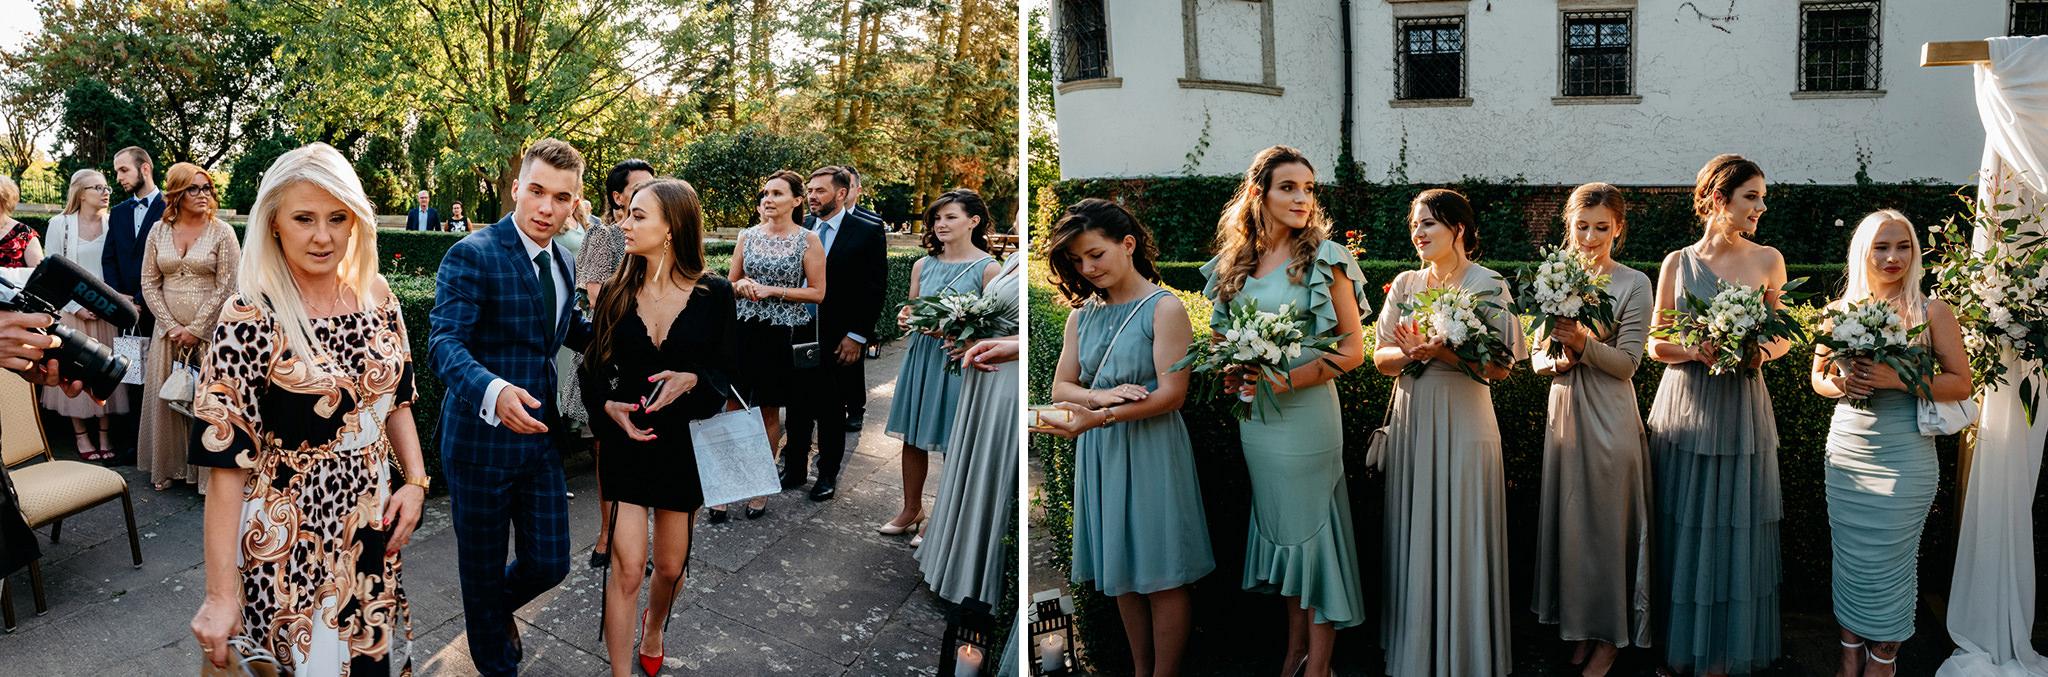 Plenerowy ślub na Zamku w Baranowie Sandomierskim 81